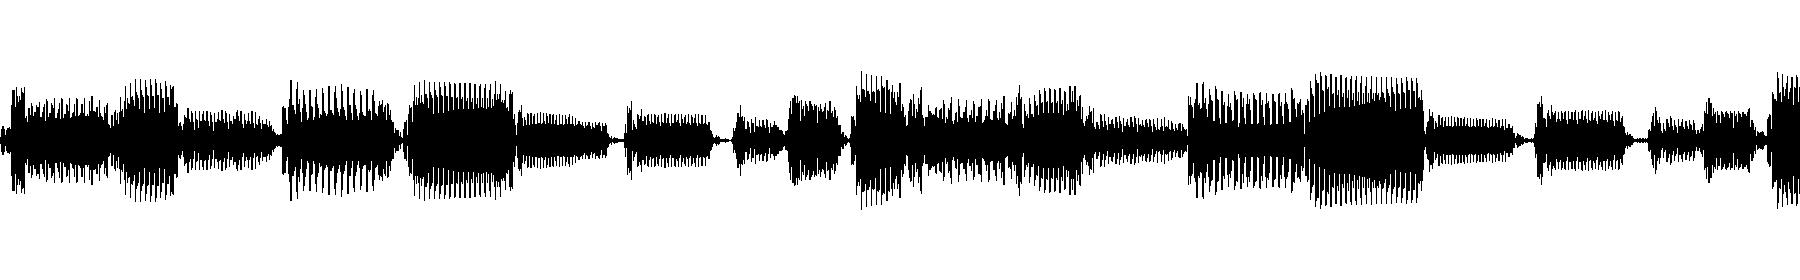 blbc jazzyripper 110 a